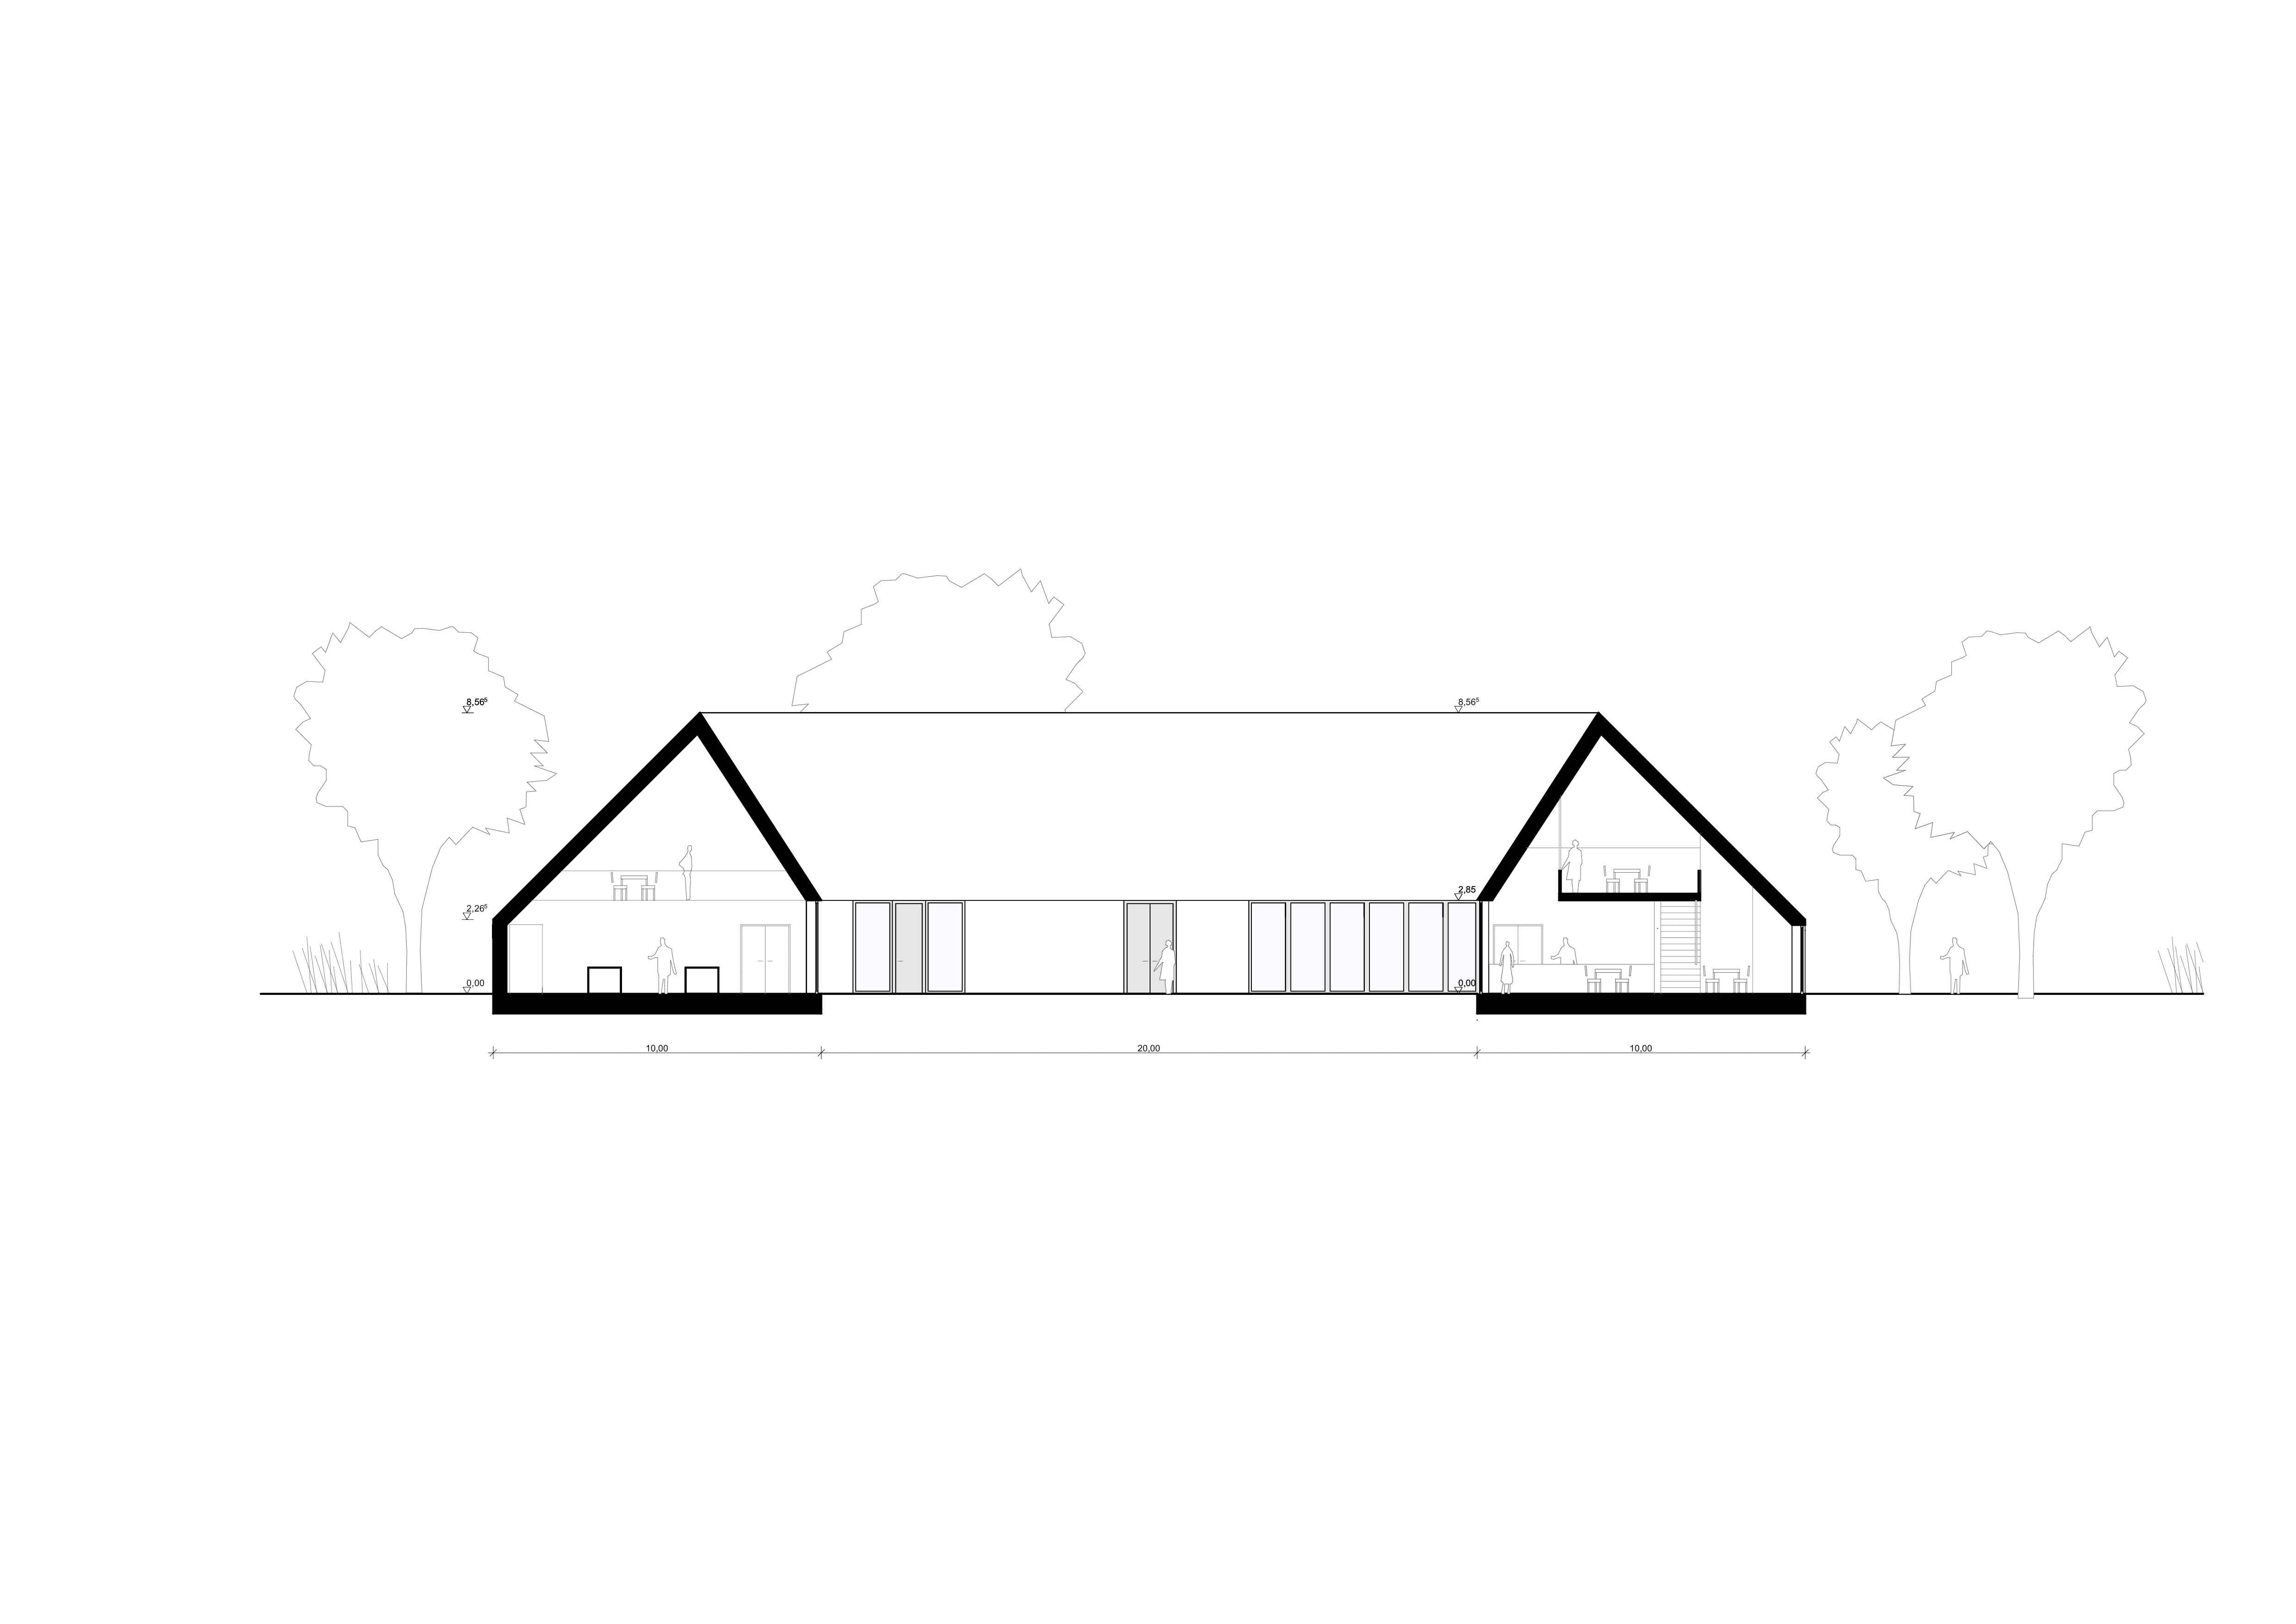 KUBIK Architektur - Studio für Architektur Berlin - architecture - Projekt- Hotellogistik - Schnitt